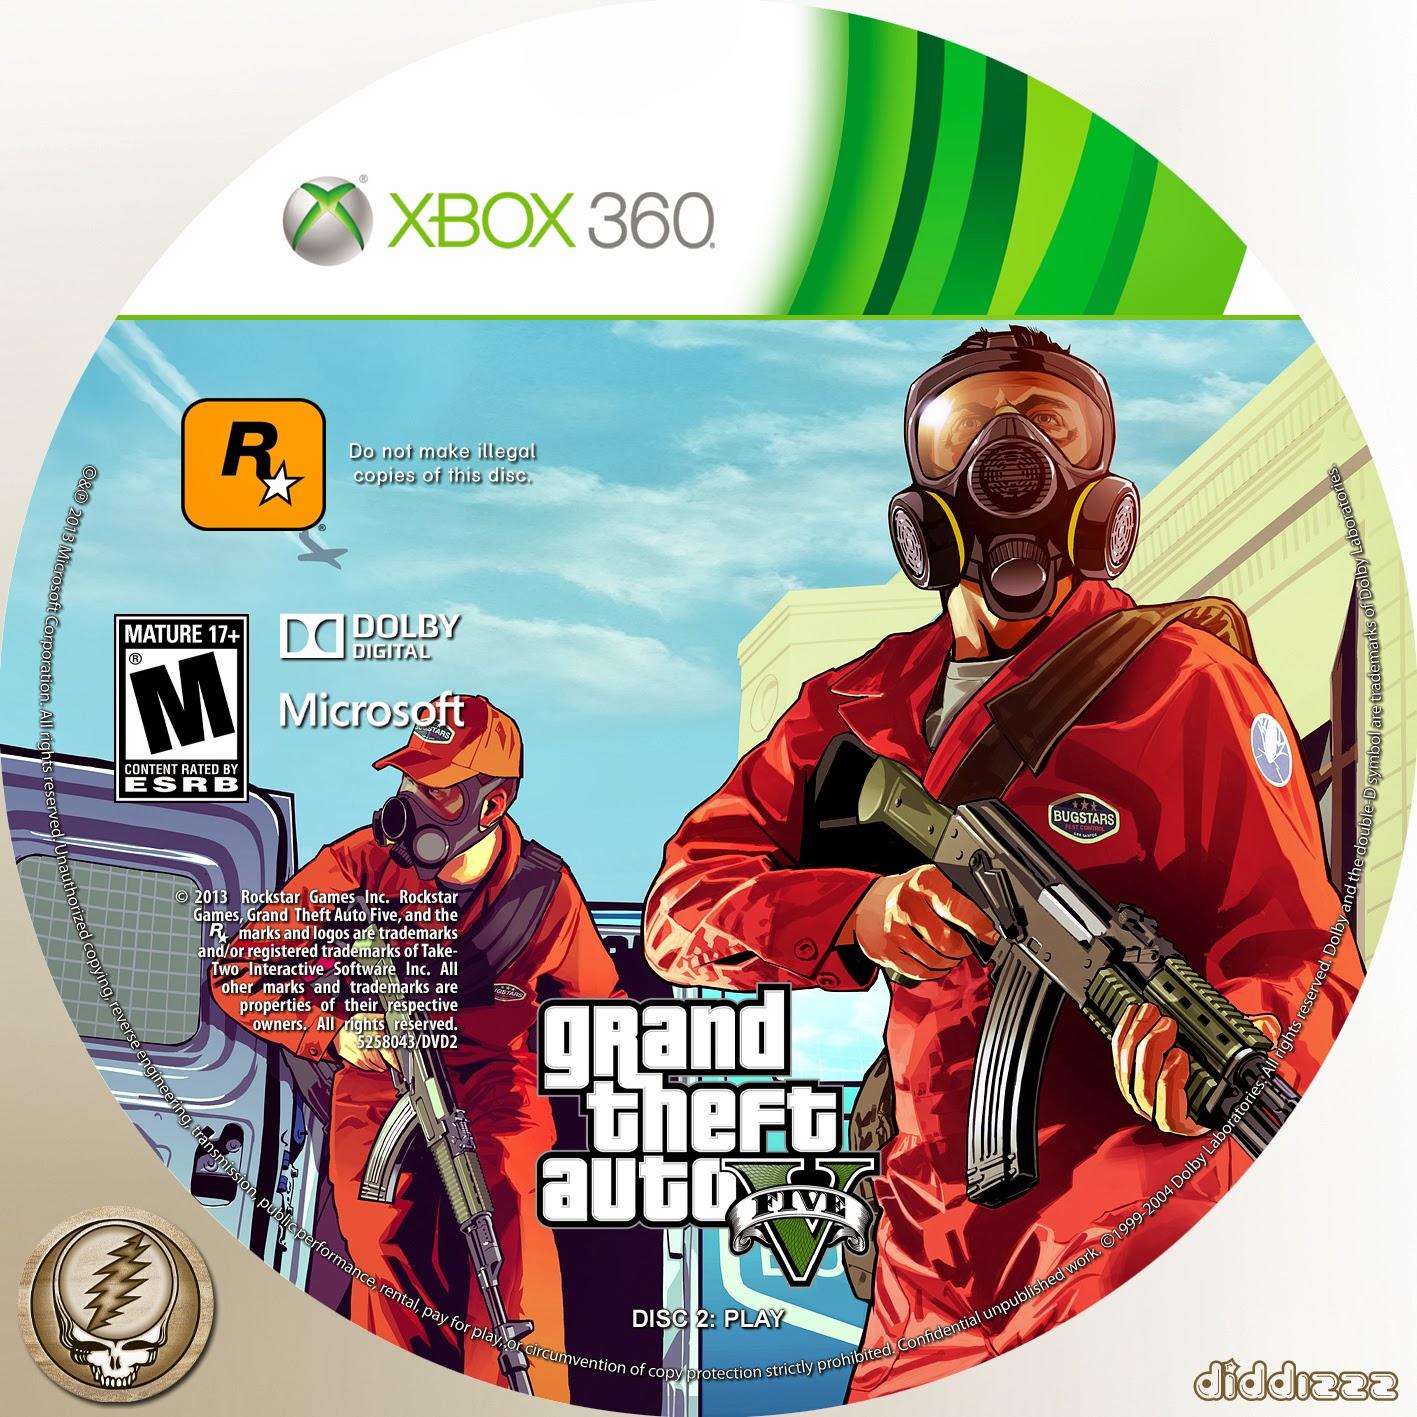 gta v xbox 360 disc 2 iso download